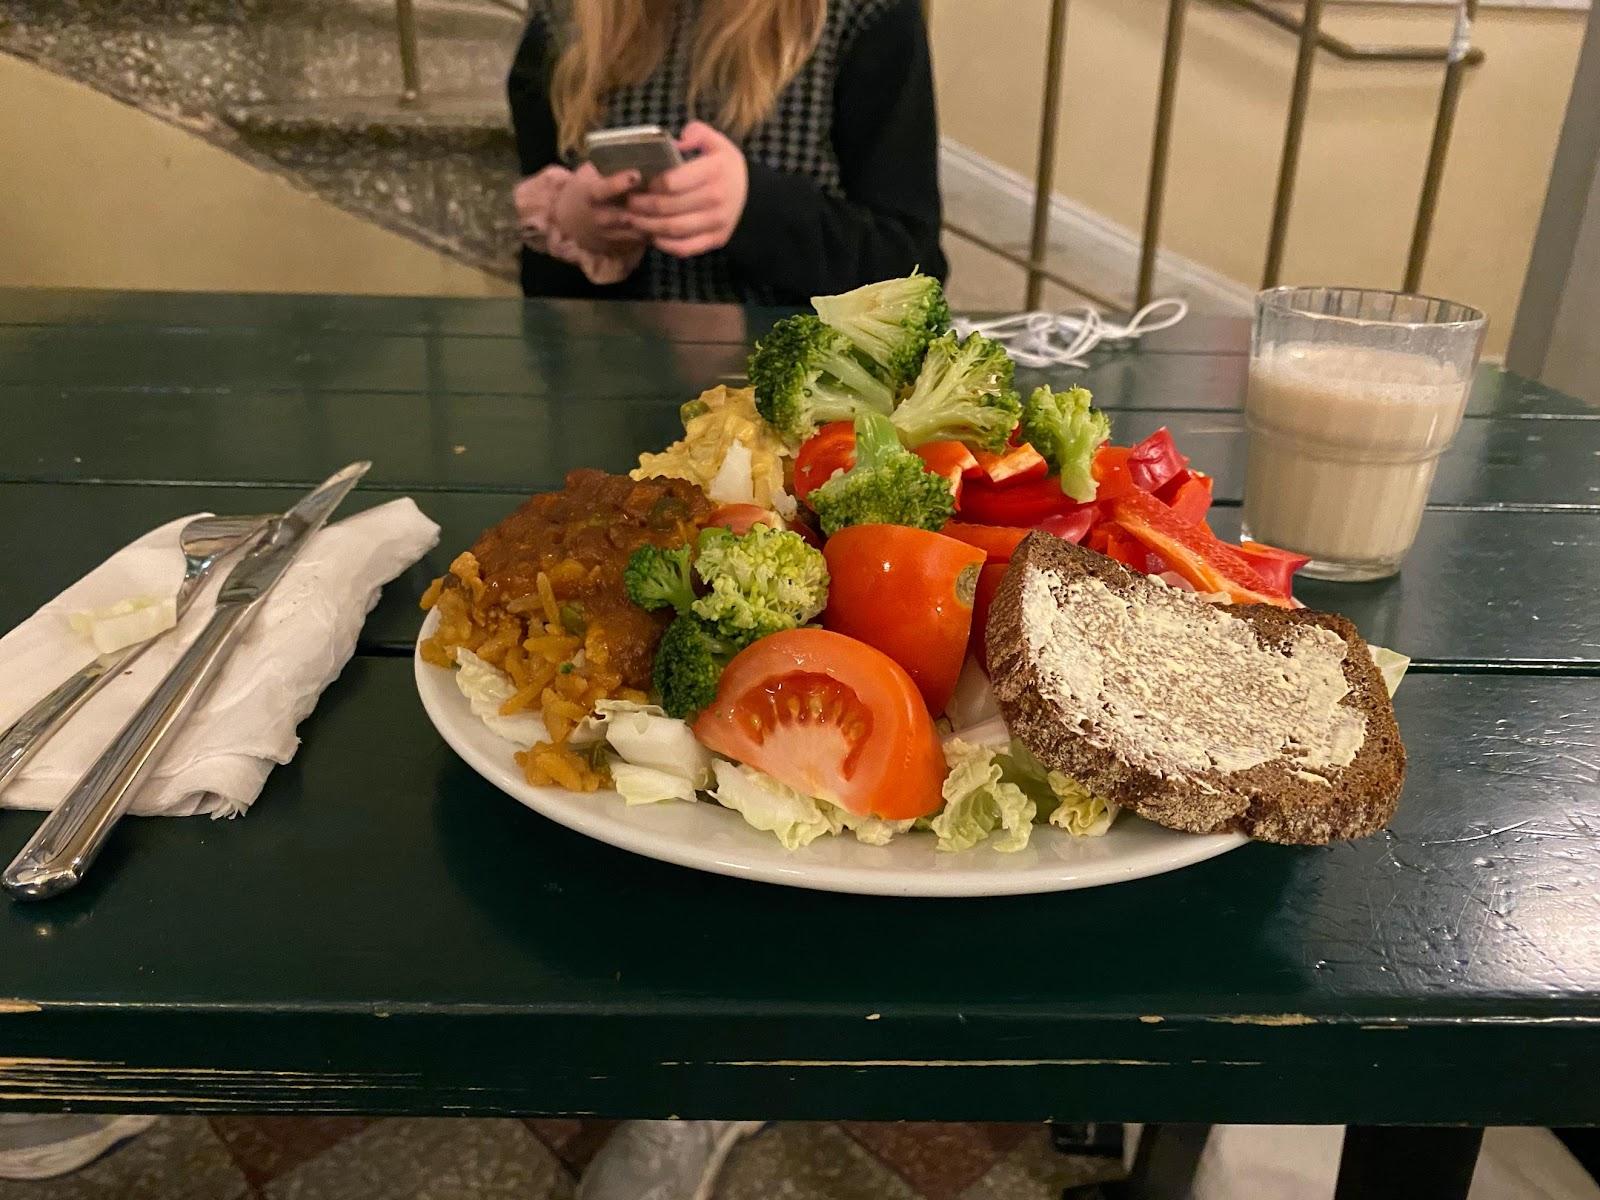 Kuva, joka sisältää kohteen henkilö, sisä, ruoka, astia  Kuvaus luotu automaattisesti